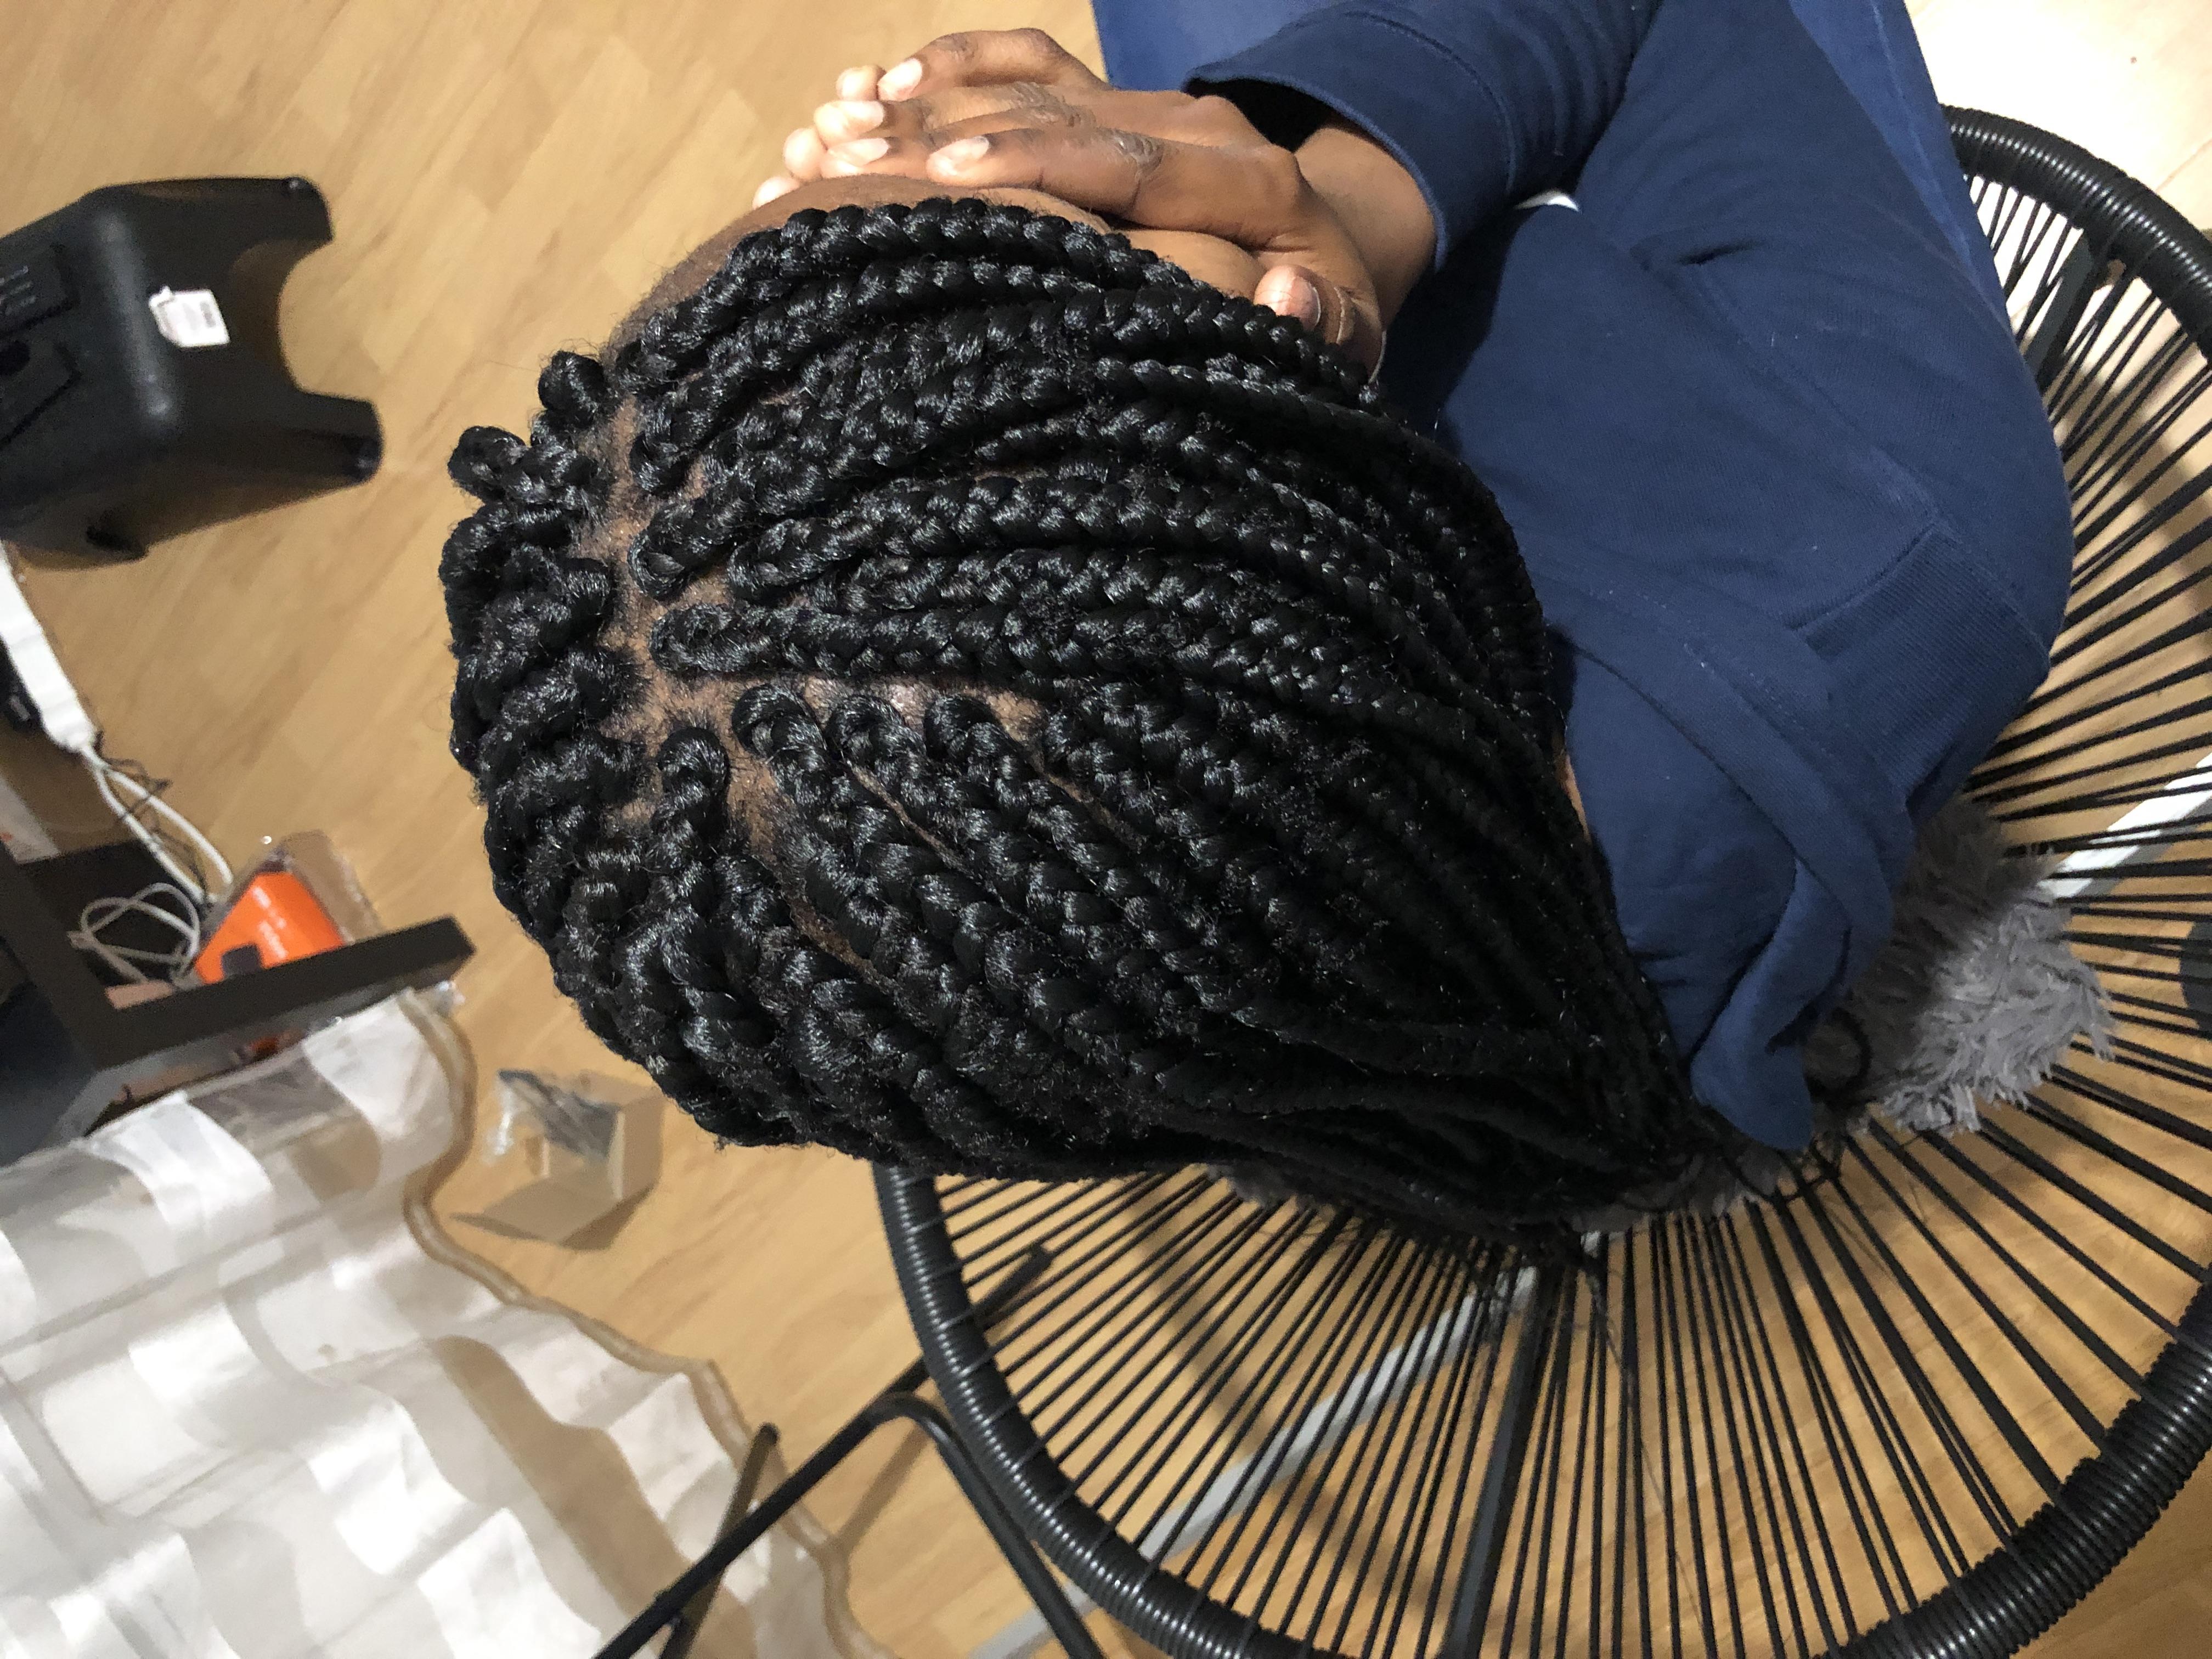 salon de coiffure afro tresse tresses box braids crochet braids vanilles tissages paris 75 77 78 91 92 93 94 95 PYEWPTKV